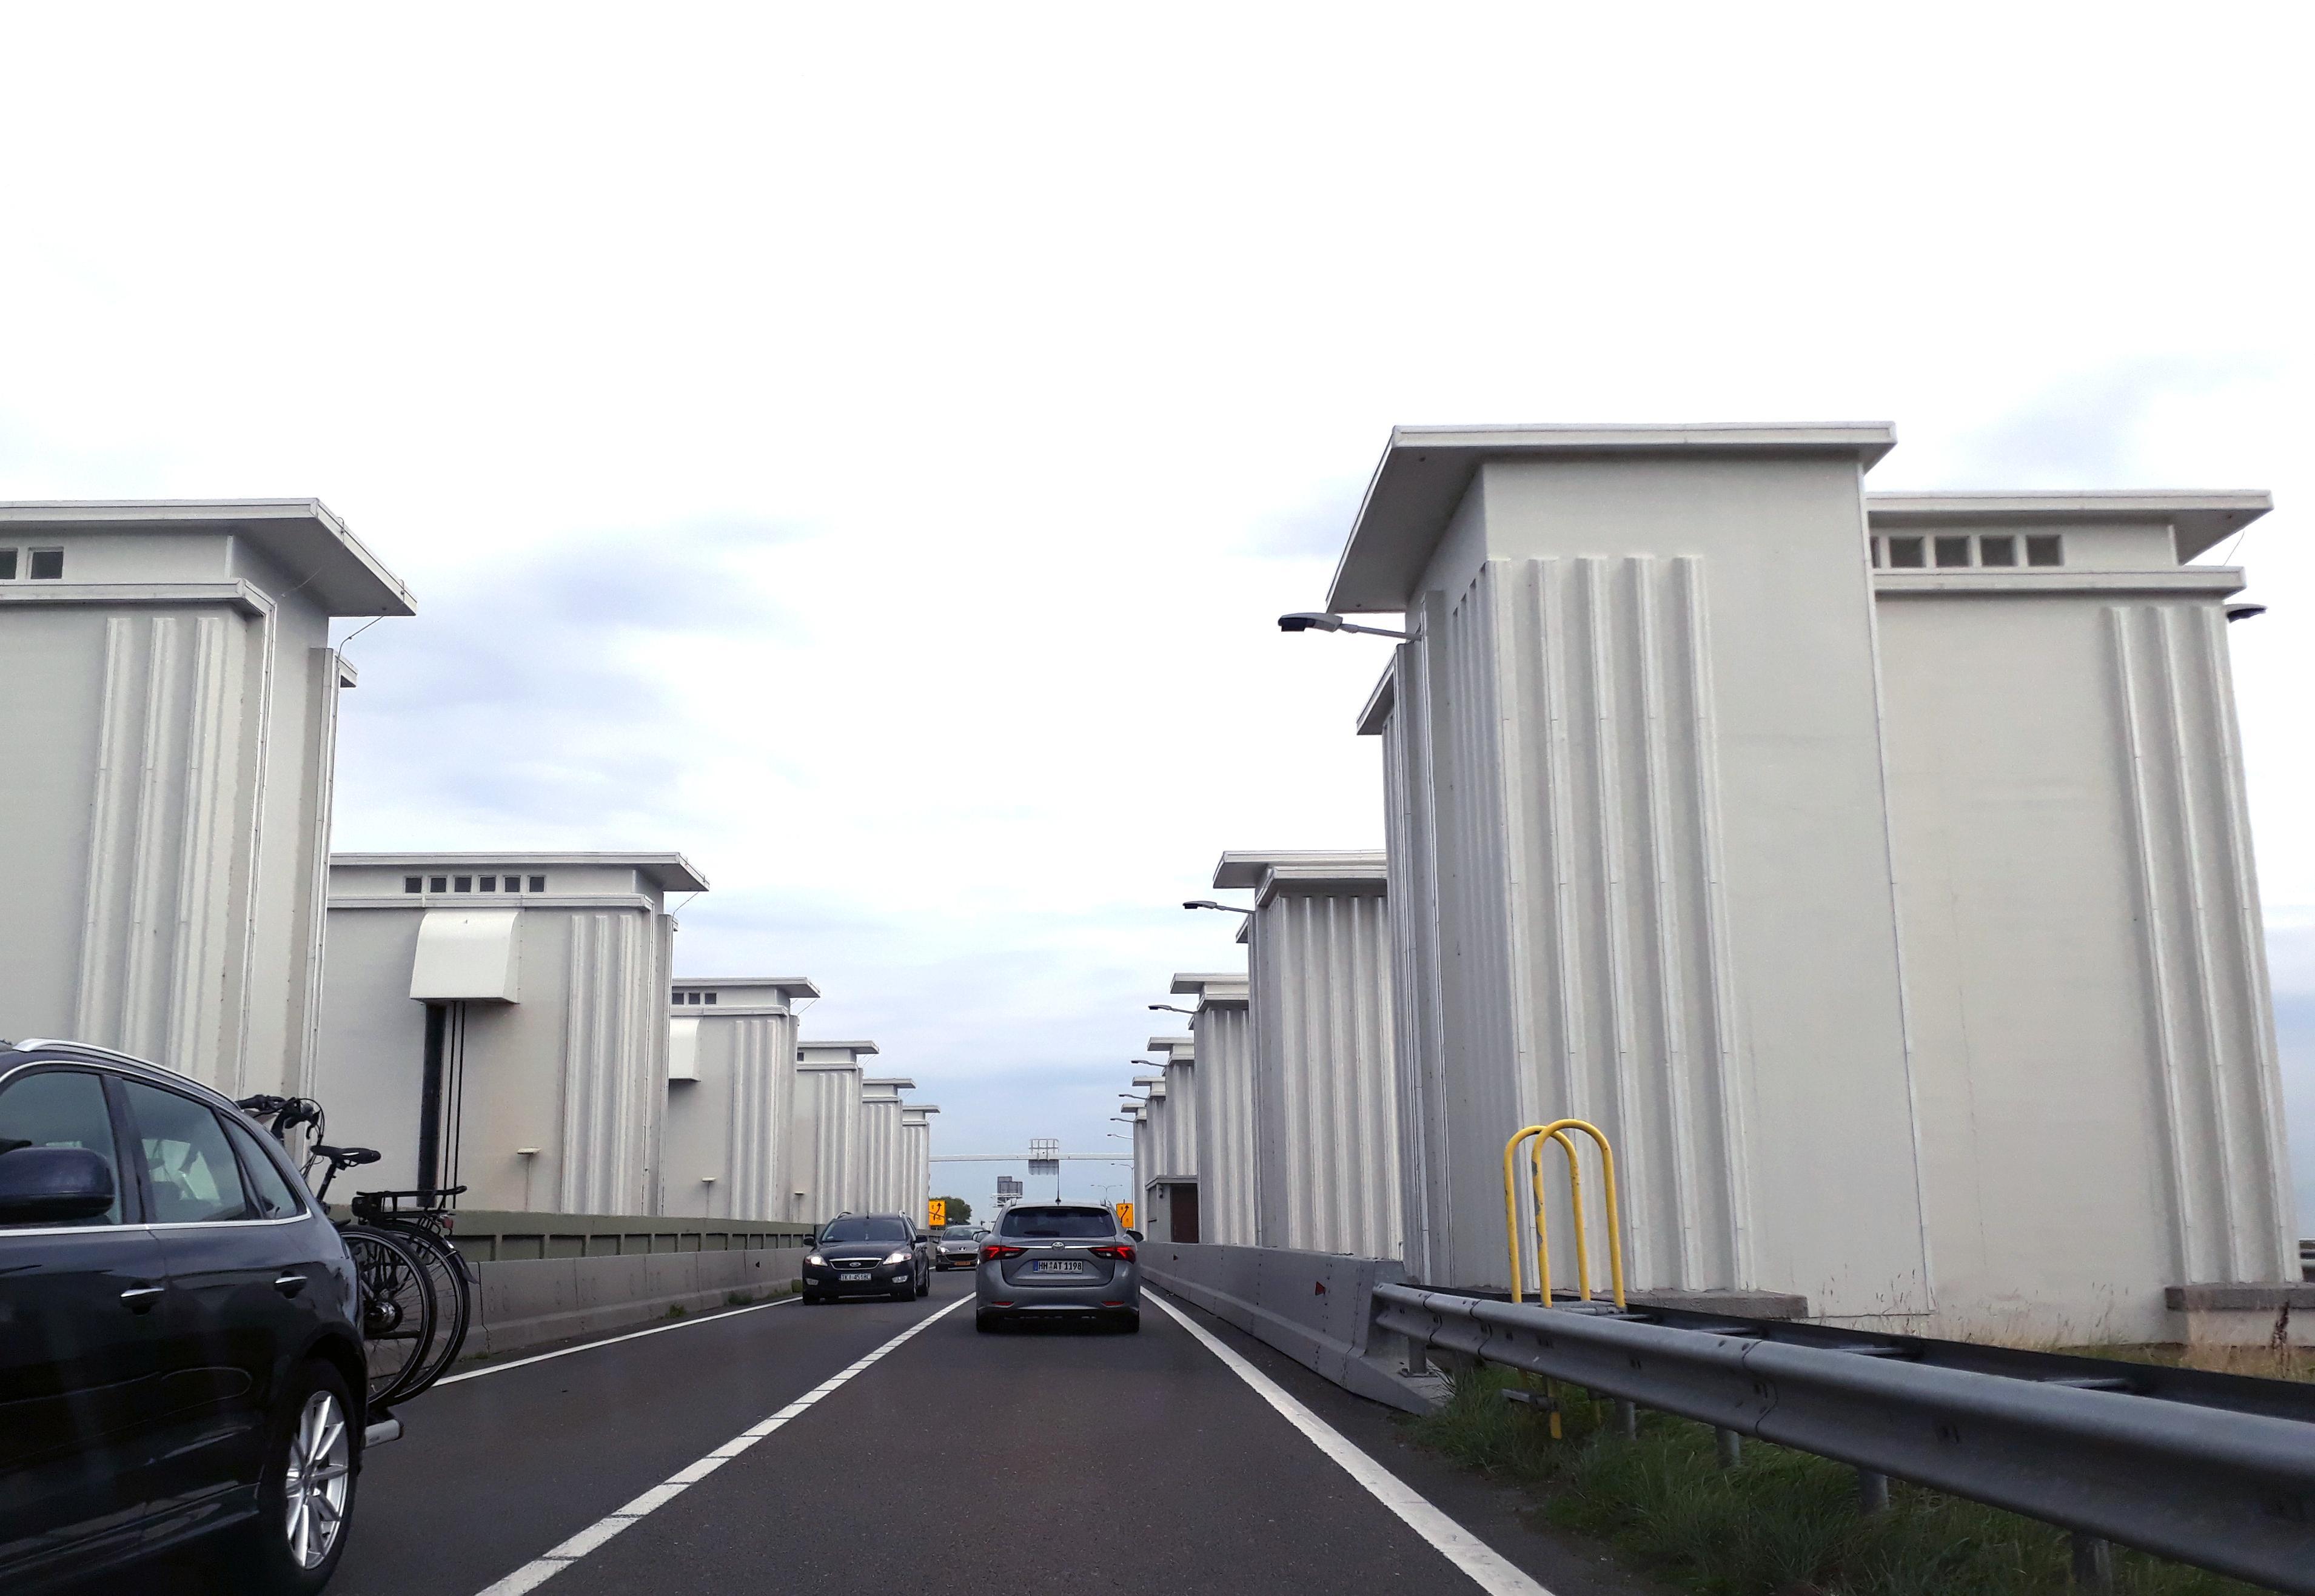 Brug over Lorentzsluis in A7 in storing: Afsluitdijk richting Friesland dicht